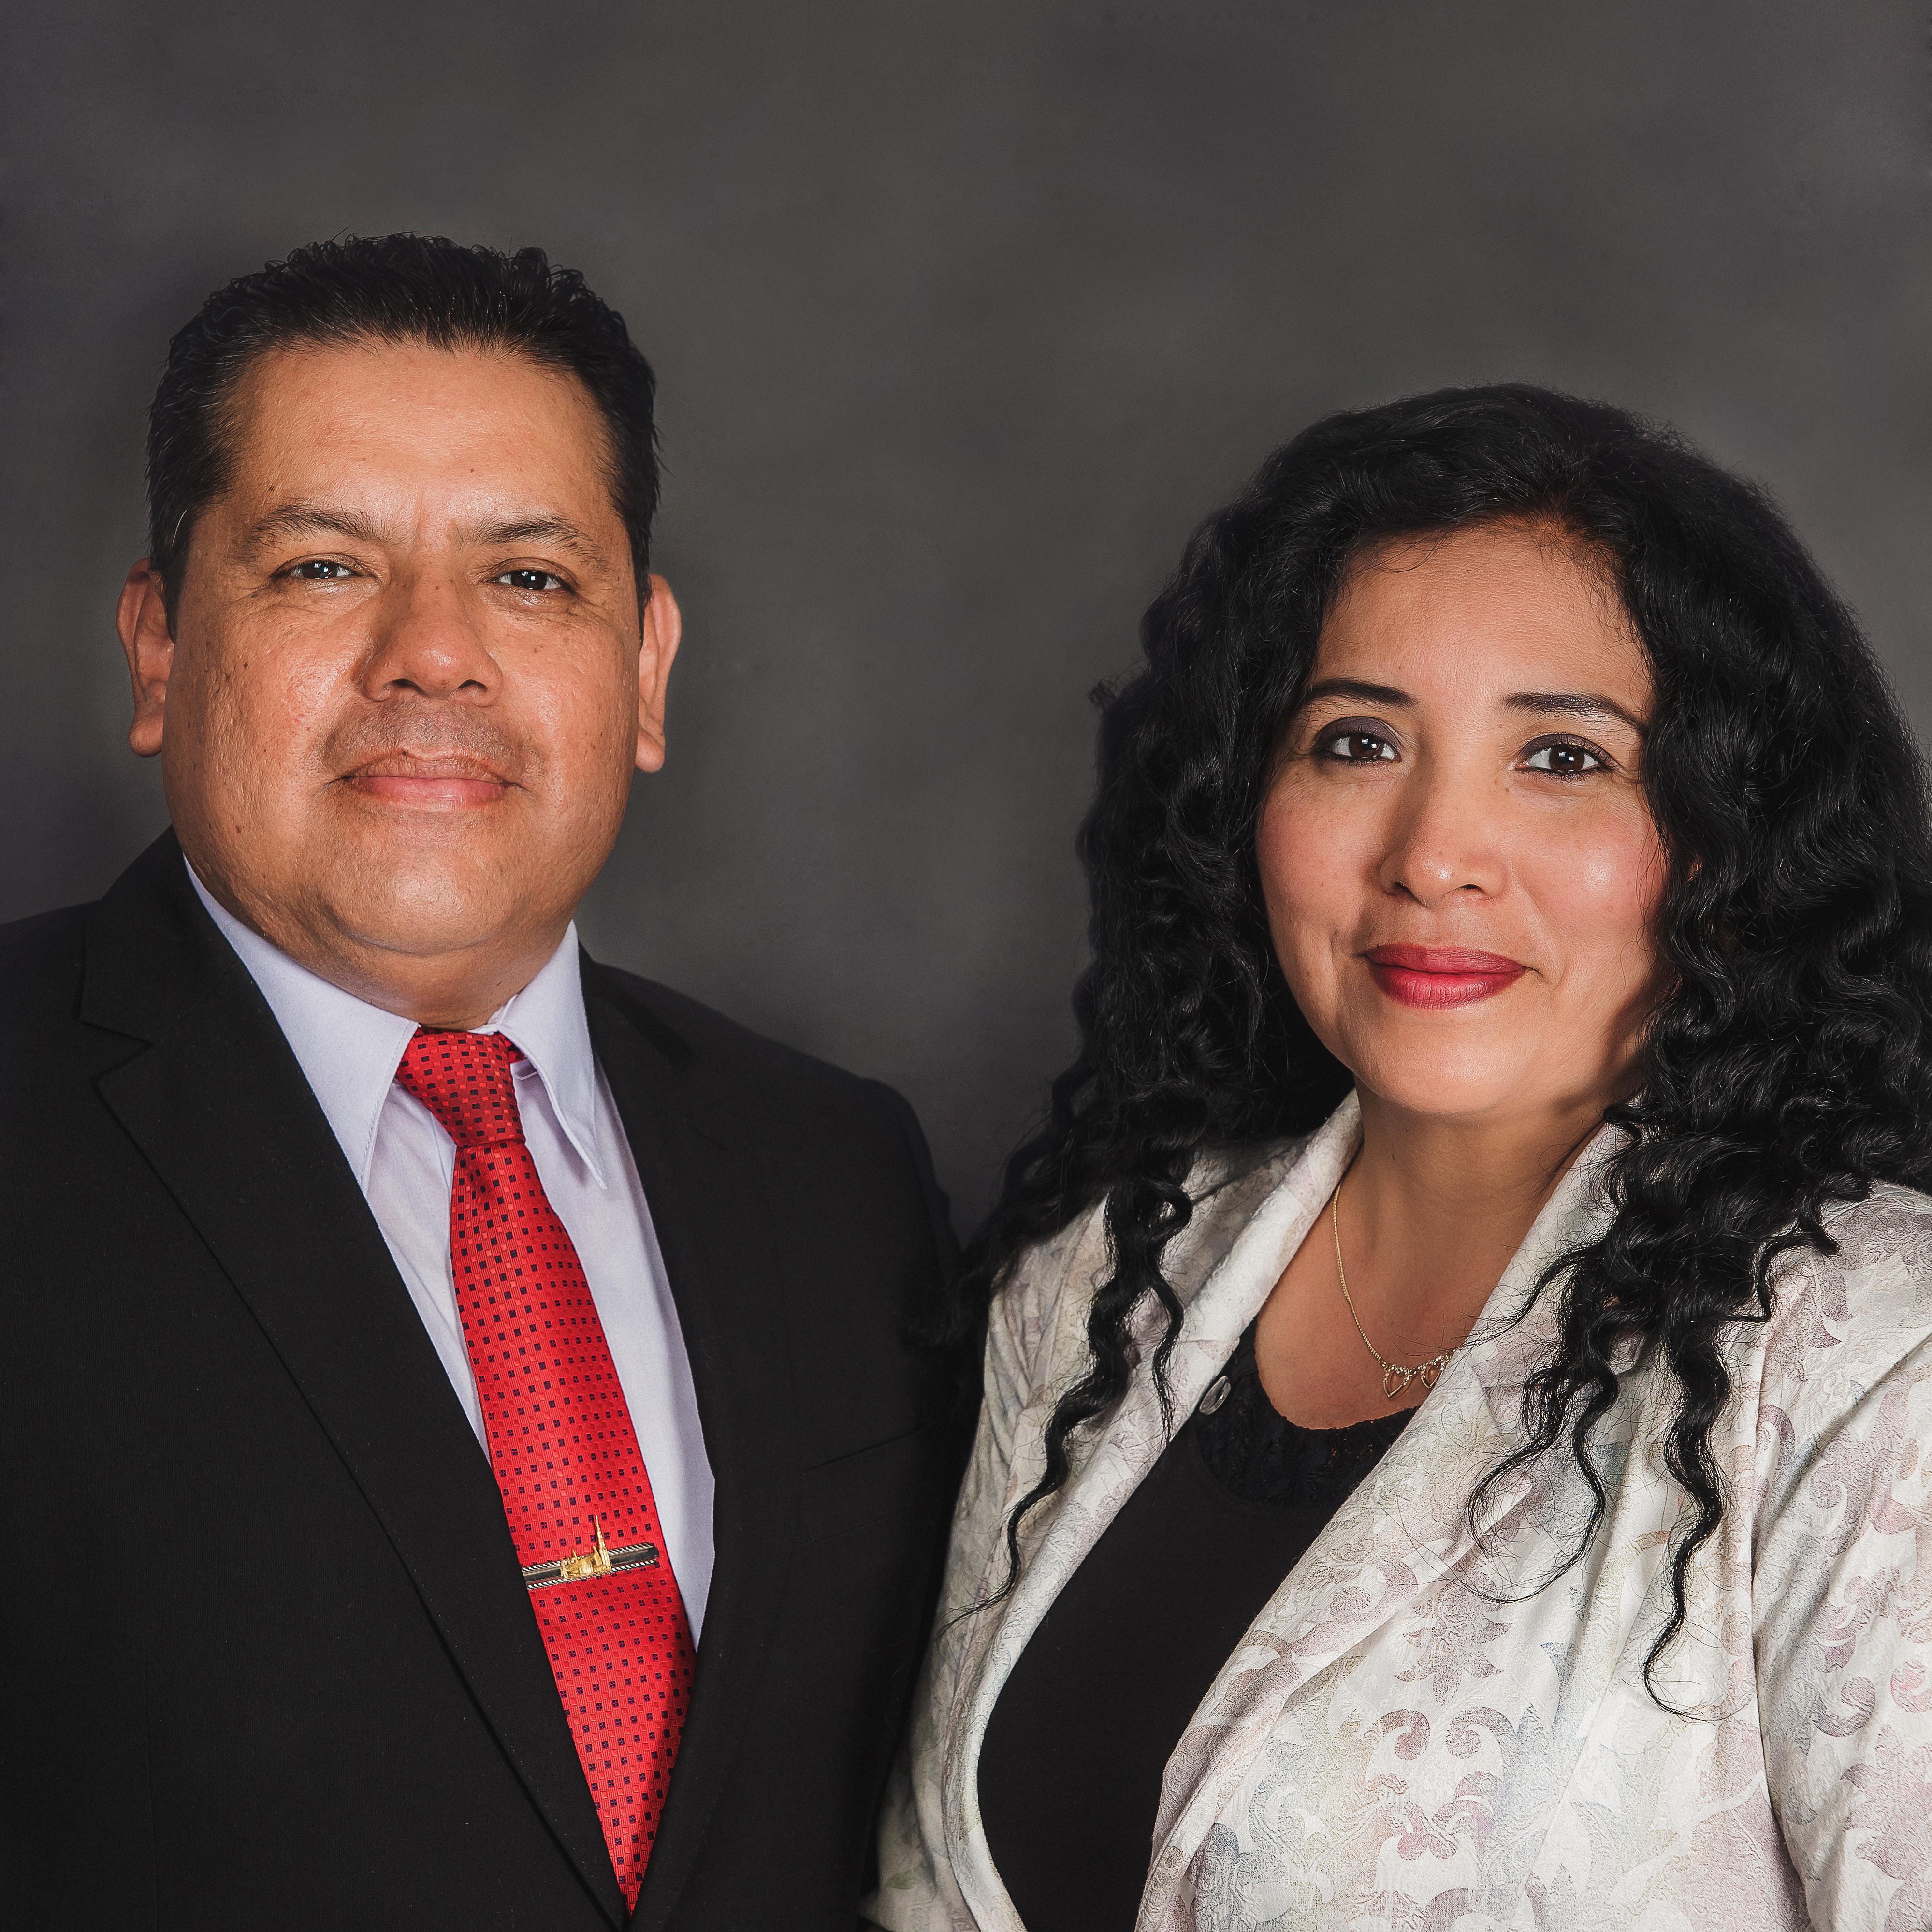 Edgar Hinostroza Cordova and Rocio Trujillo de Hinostroza